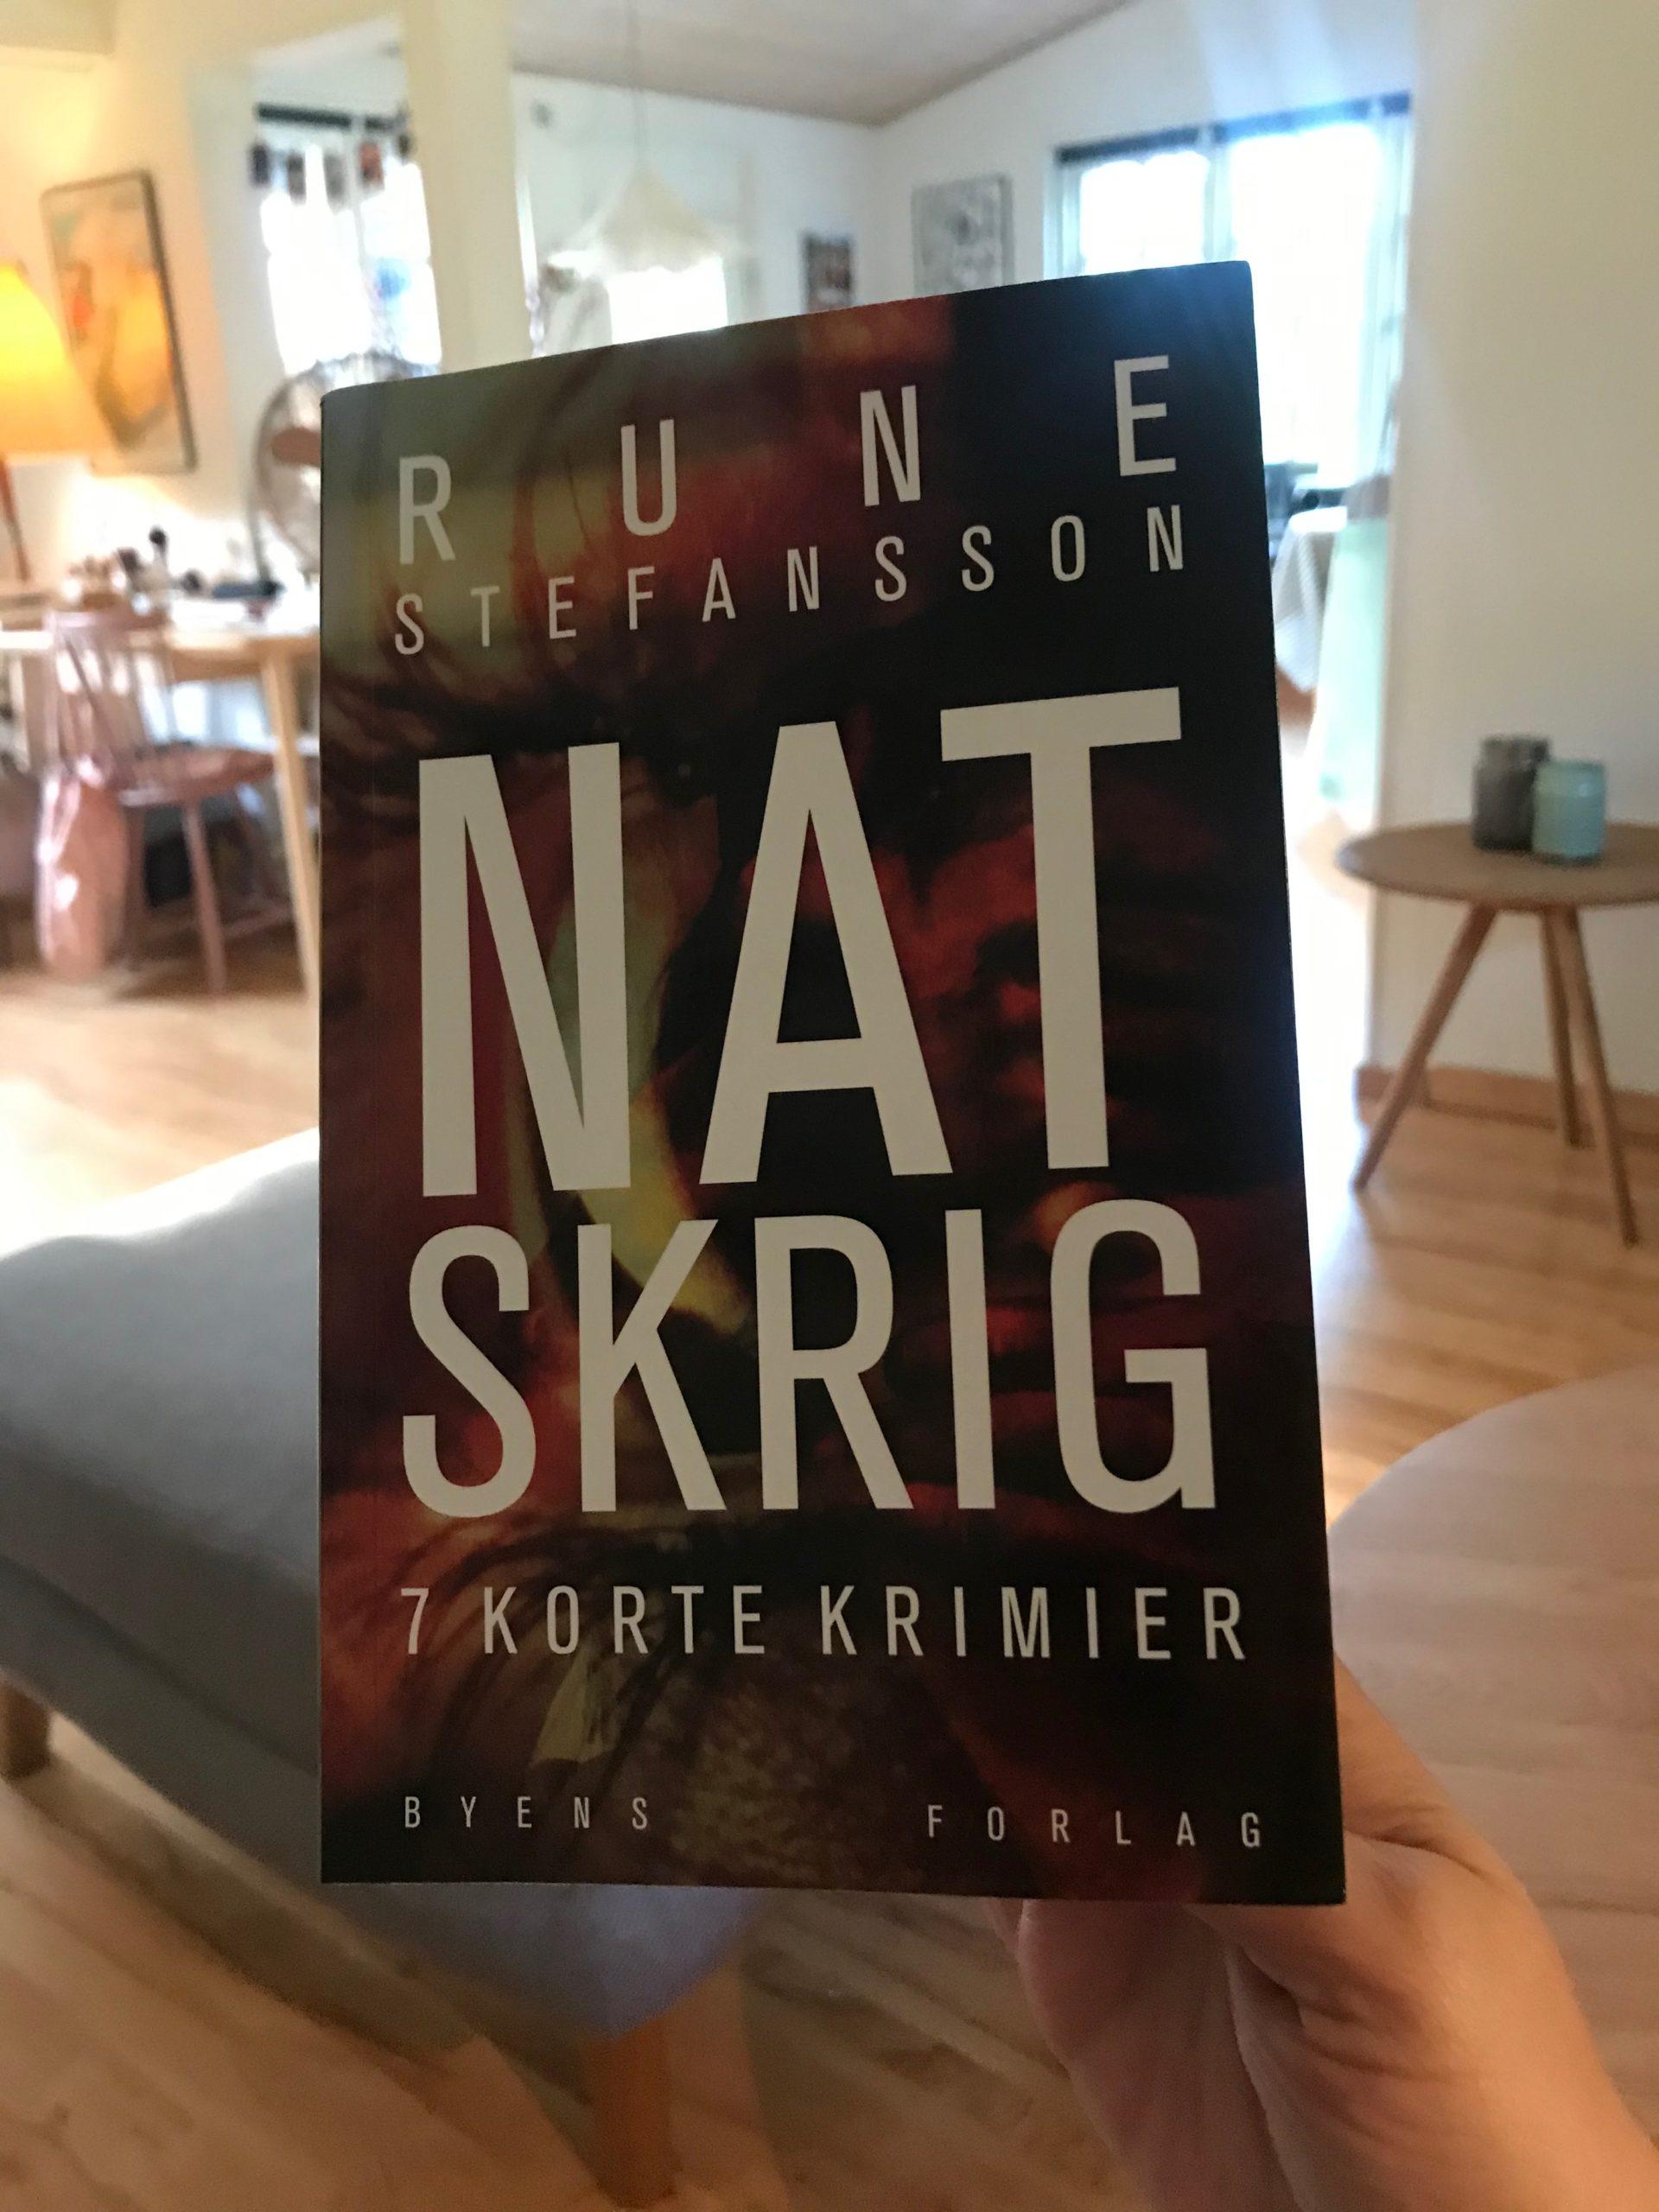 Natskrig af Rune Stefansson